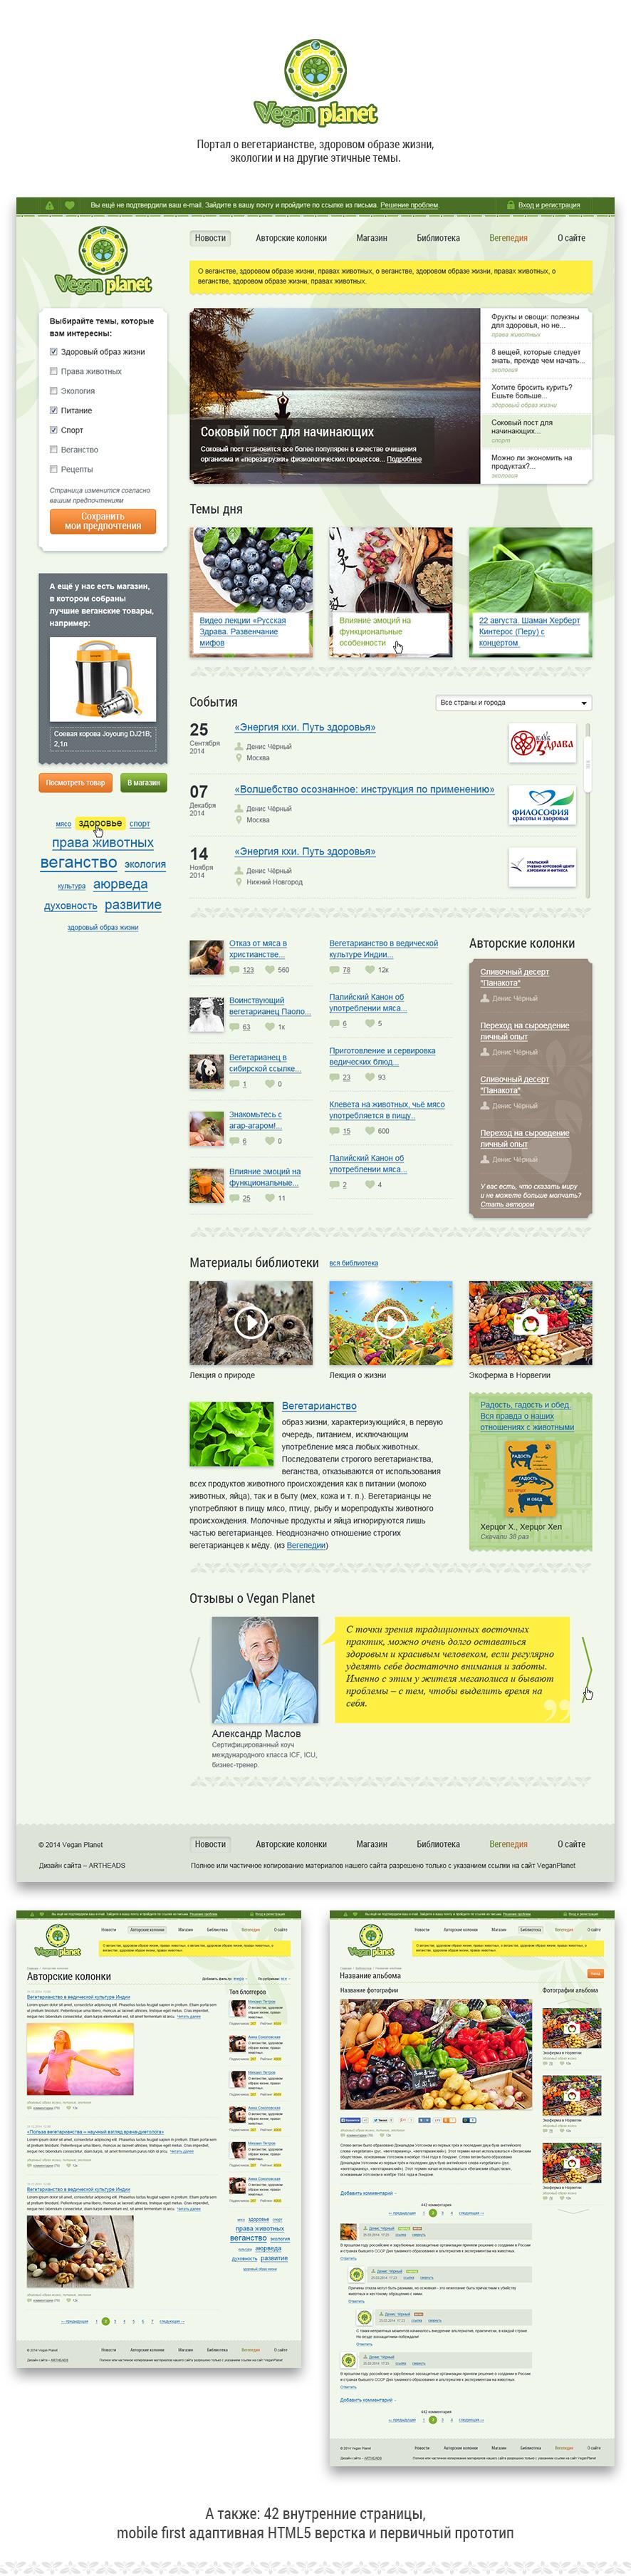 VeganPlanet - Этичный портал: Прототип интерфейса, Адаптивная html5 mobile first верстка, Дизайн страниц